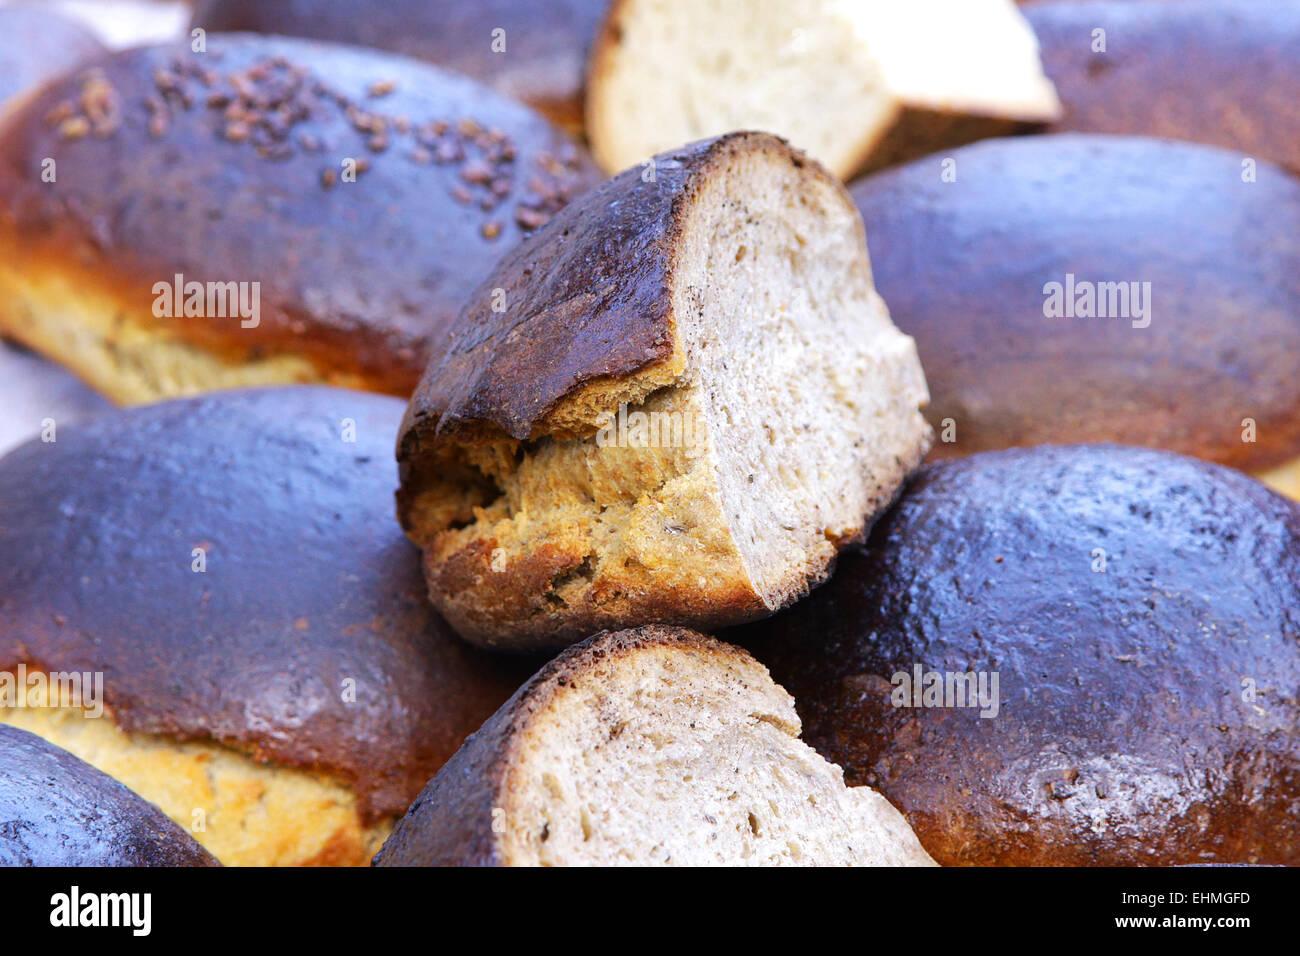 Le pain de seigle sur le fair trade show Banque D'Images